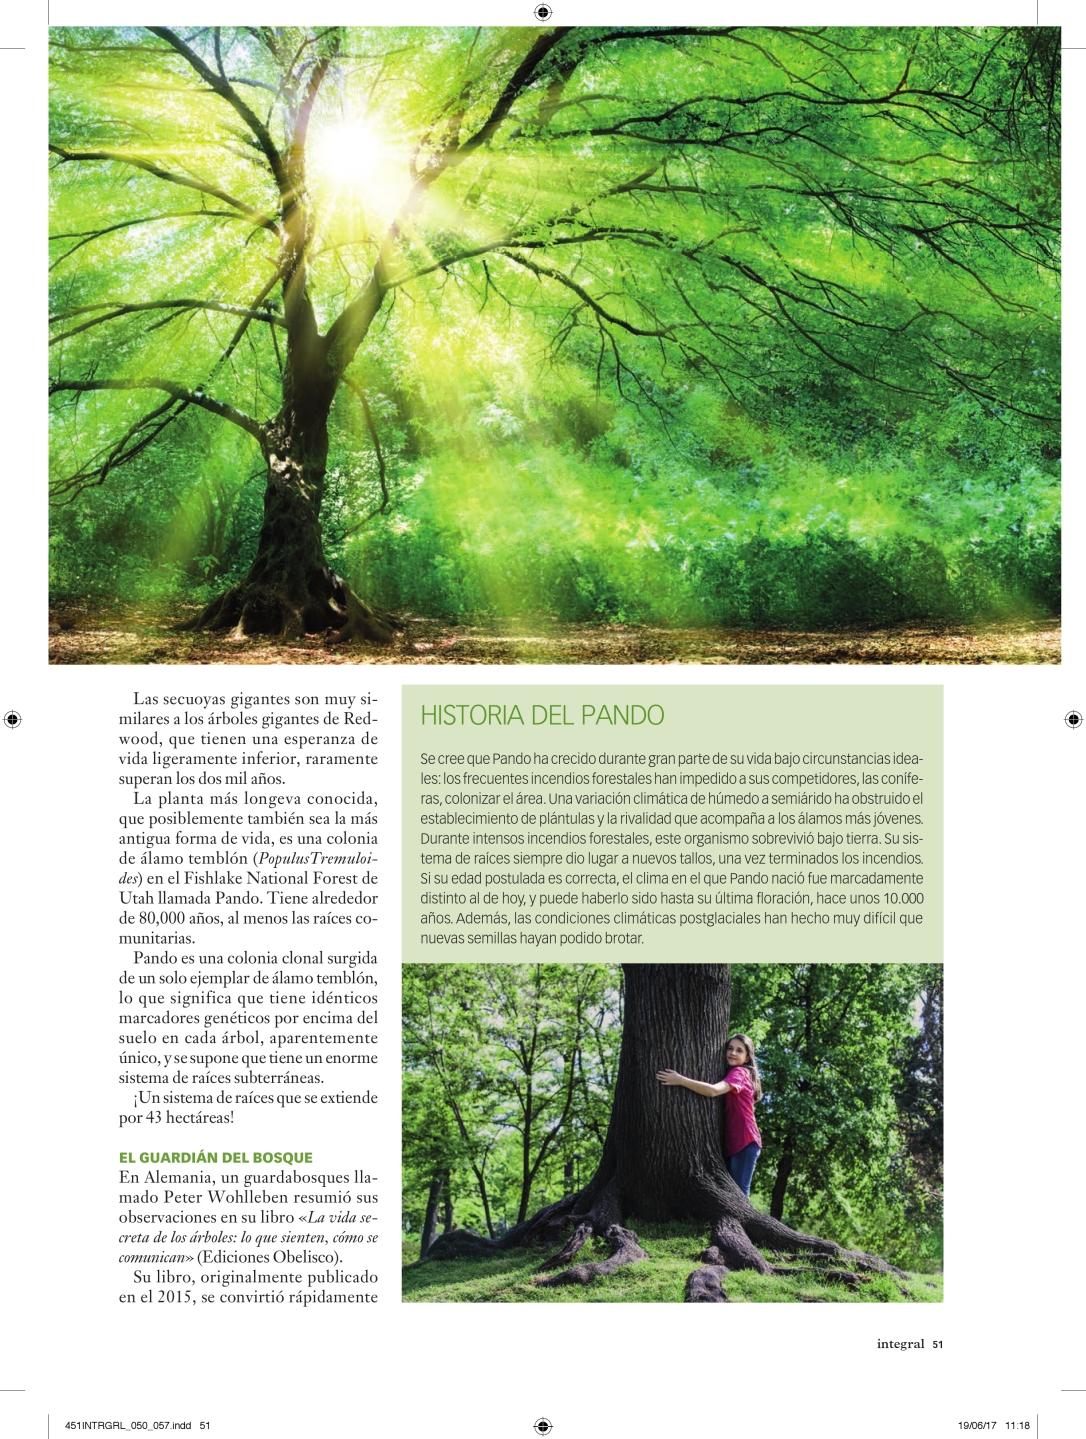 451INTRGRL_050_057_vida secreta de los árboles_000002